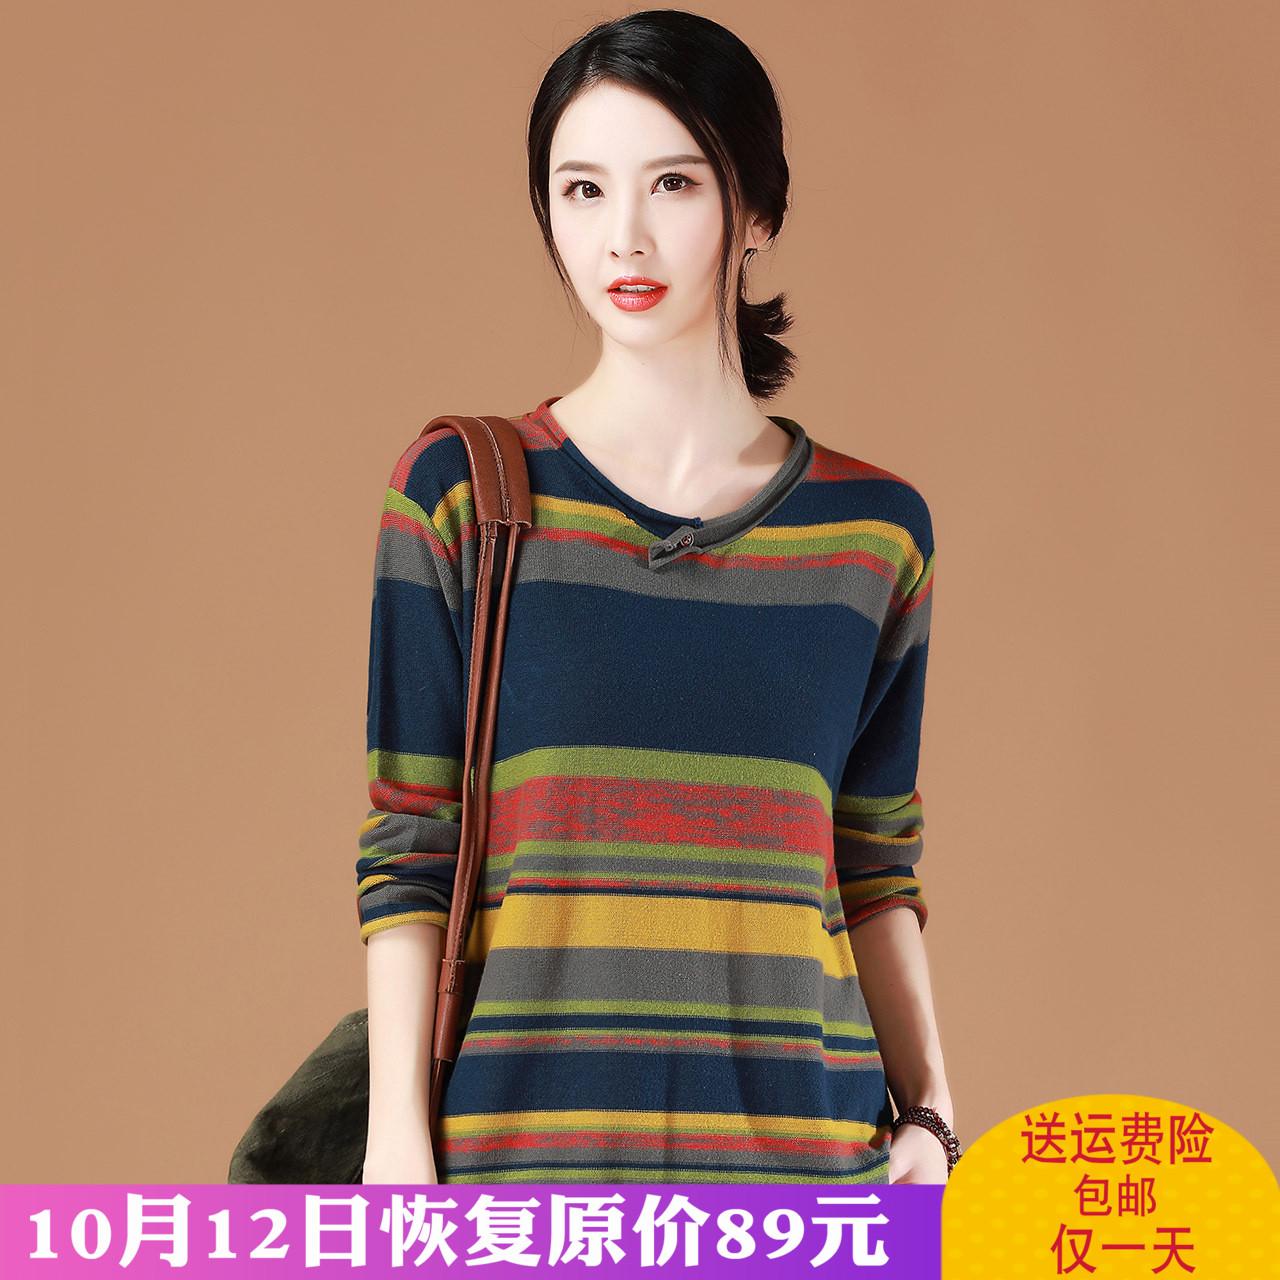 韩潮袭人秋季条纹针织衫女装2019新款潮拼色韩版毛衣套头长袖上衣